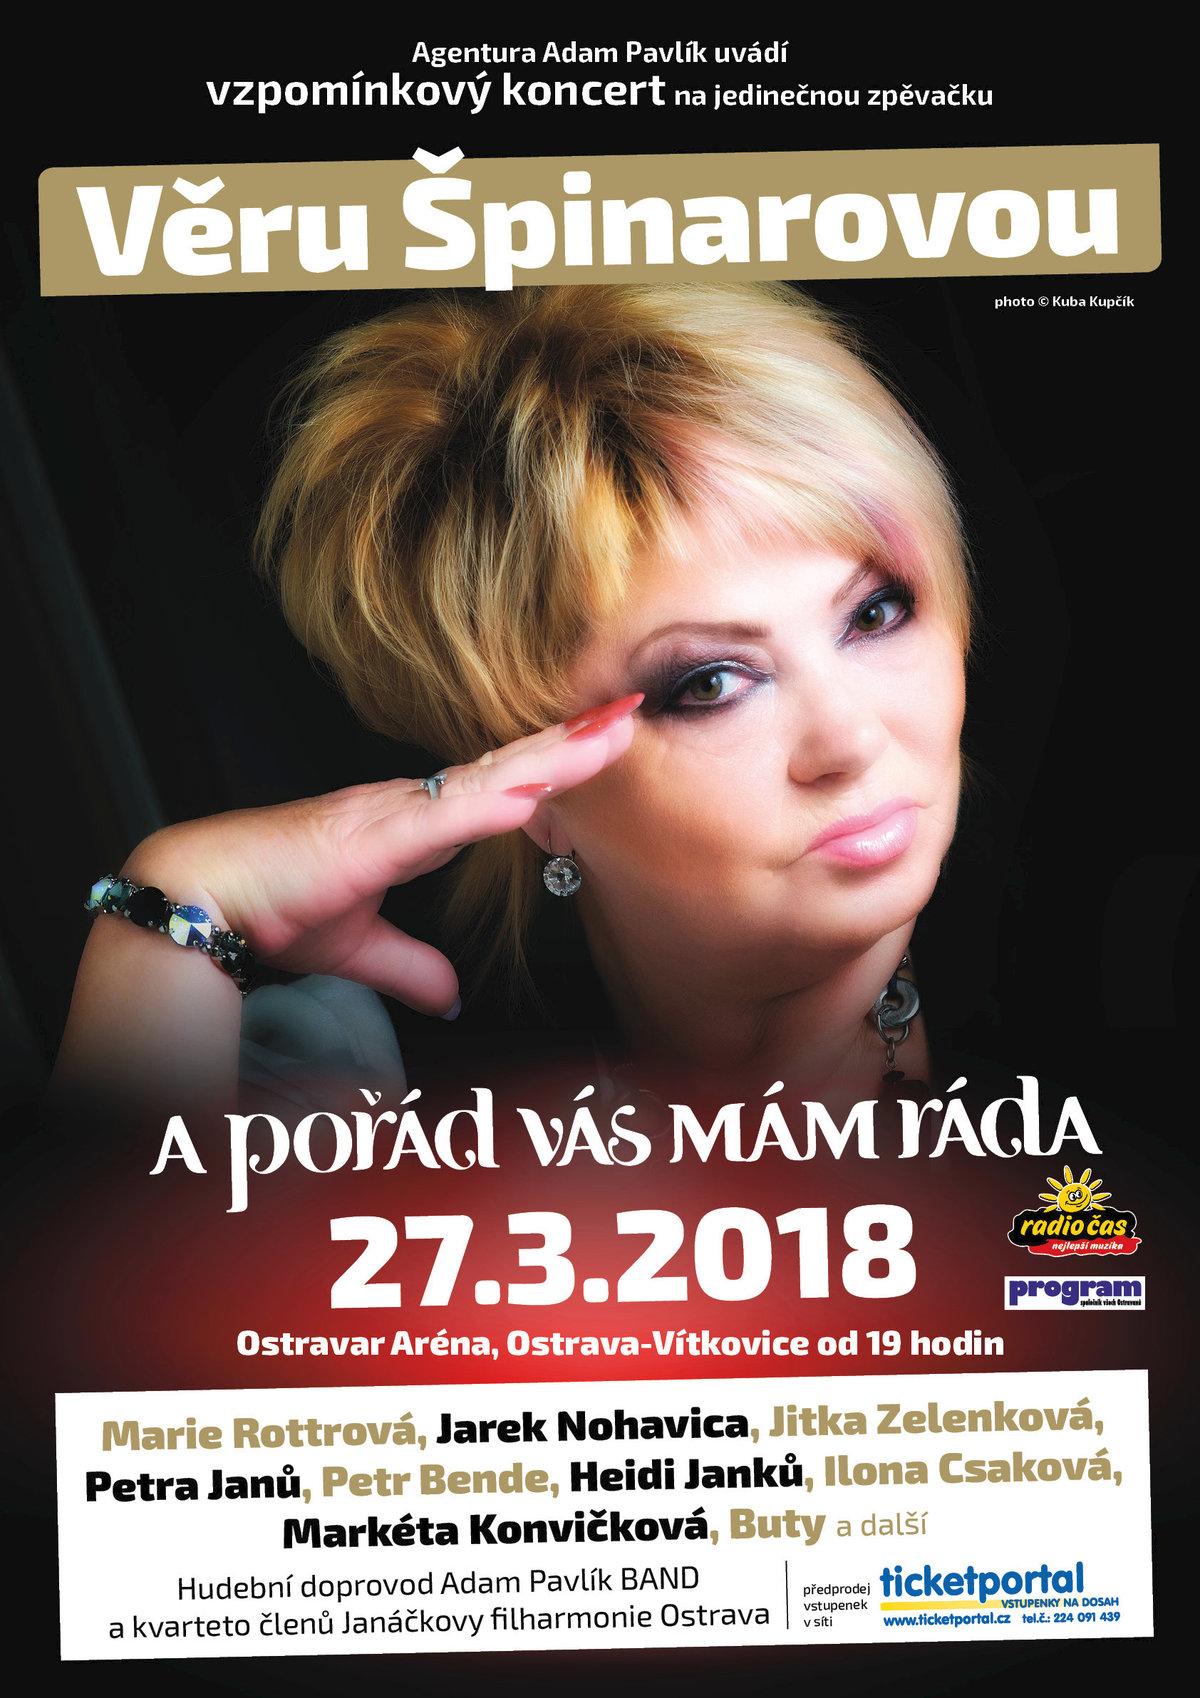 Vzpomínkový koncert na Věru Špinarovou